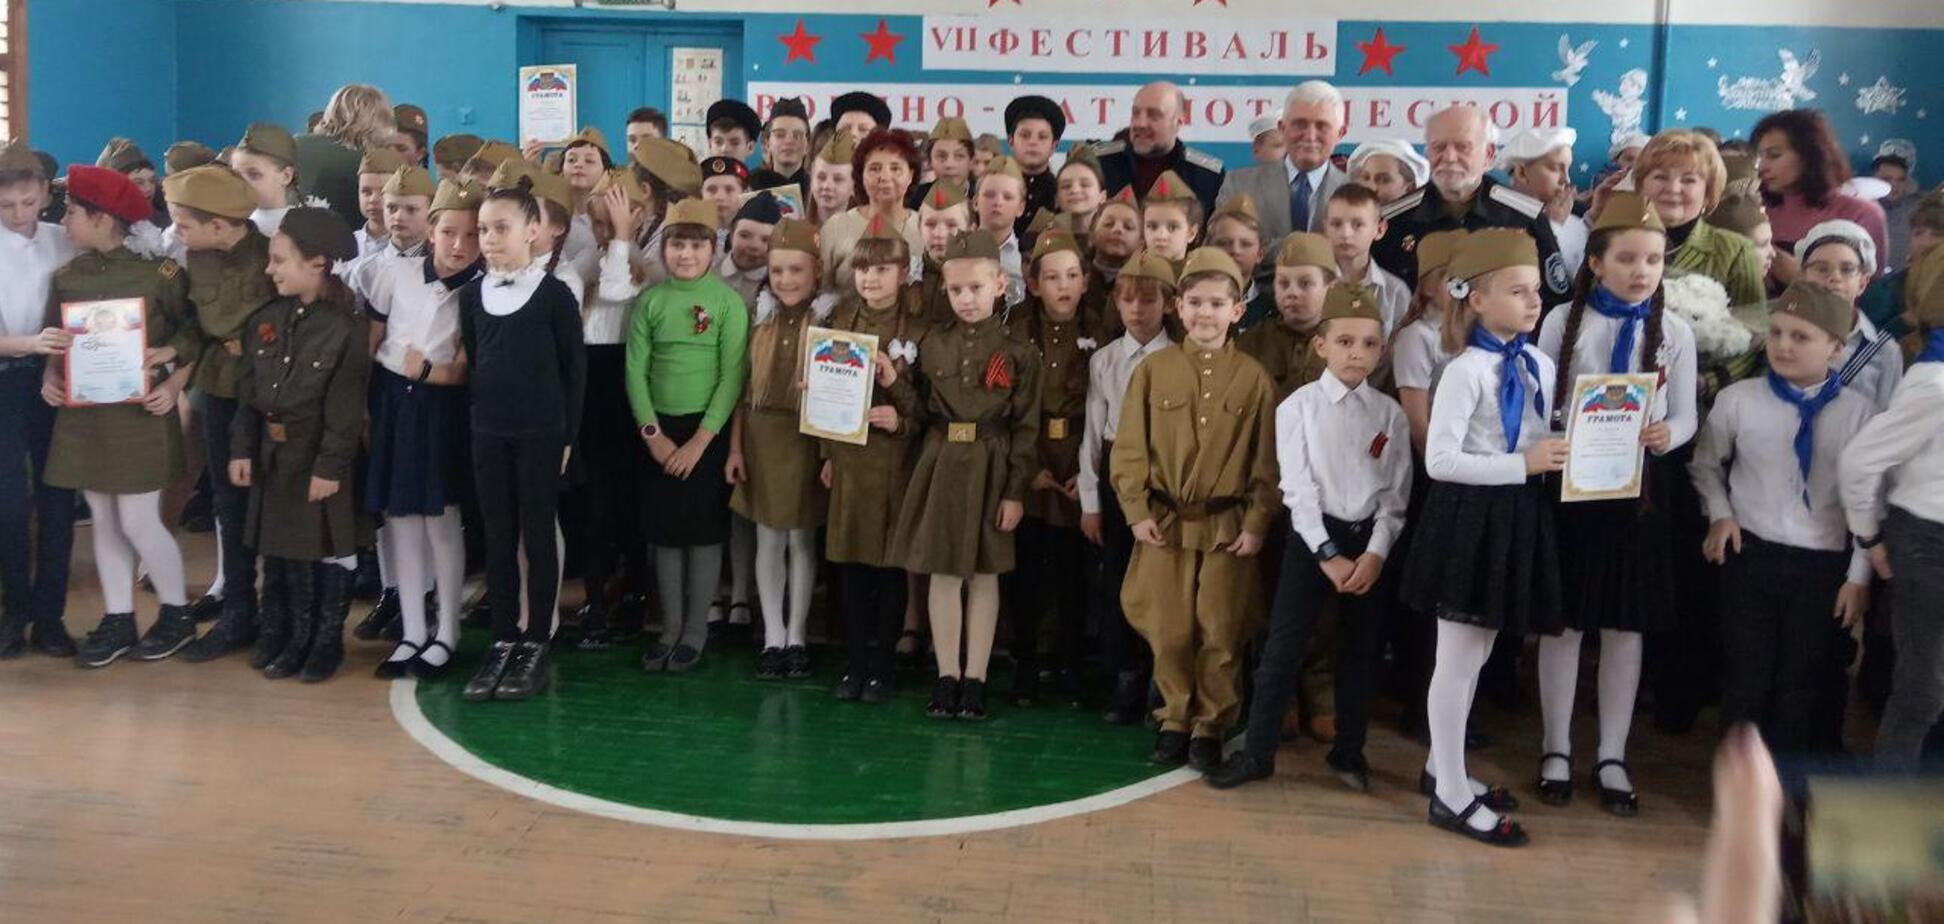 'Хотіли совок? Тримайте!' У Криму дітей в пілотках зігнали на 'День окупанта'